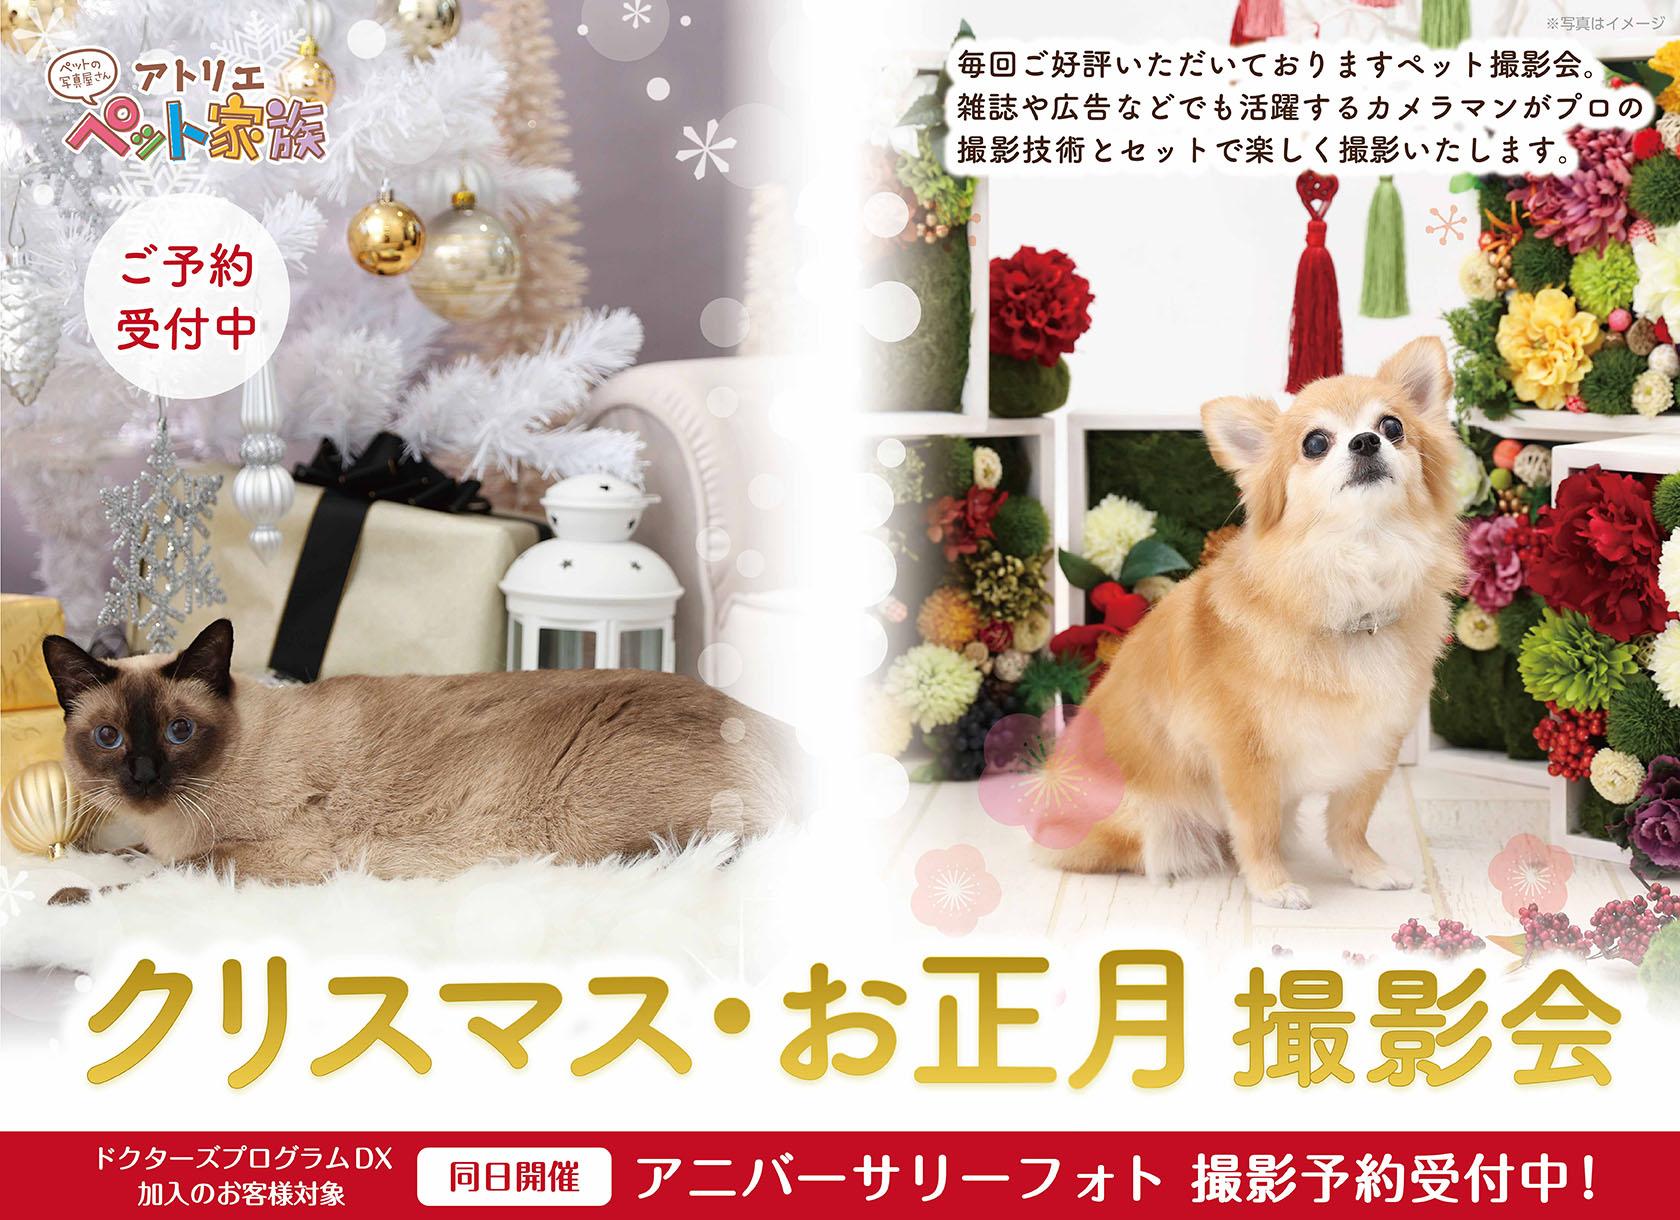 クリスマスお正月撮影会開催♪  ご予約受付中!